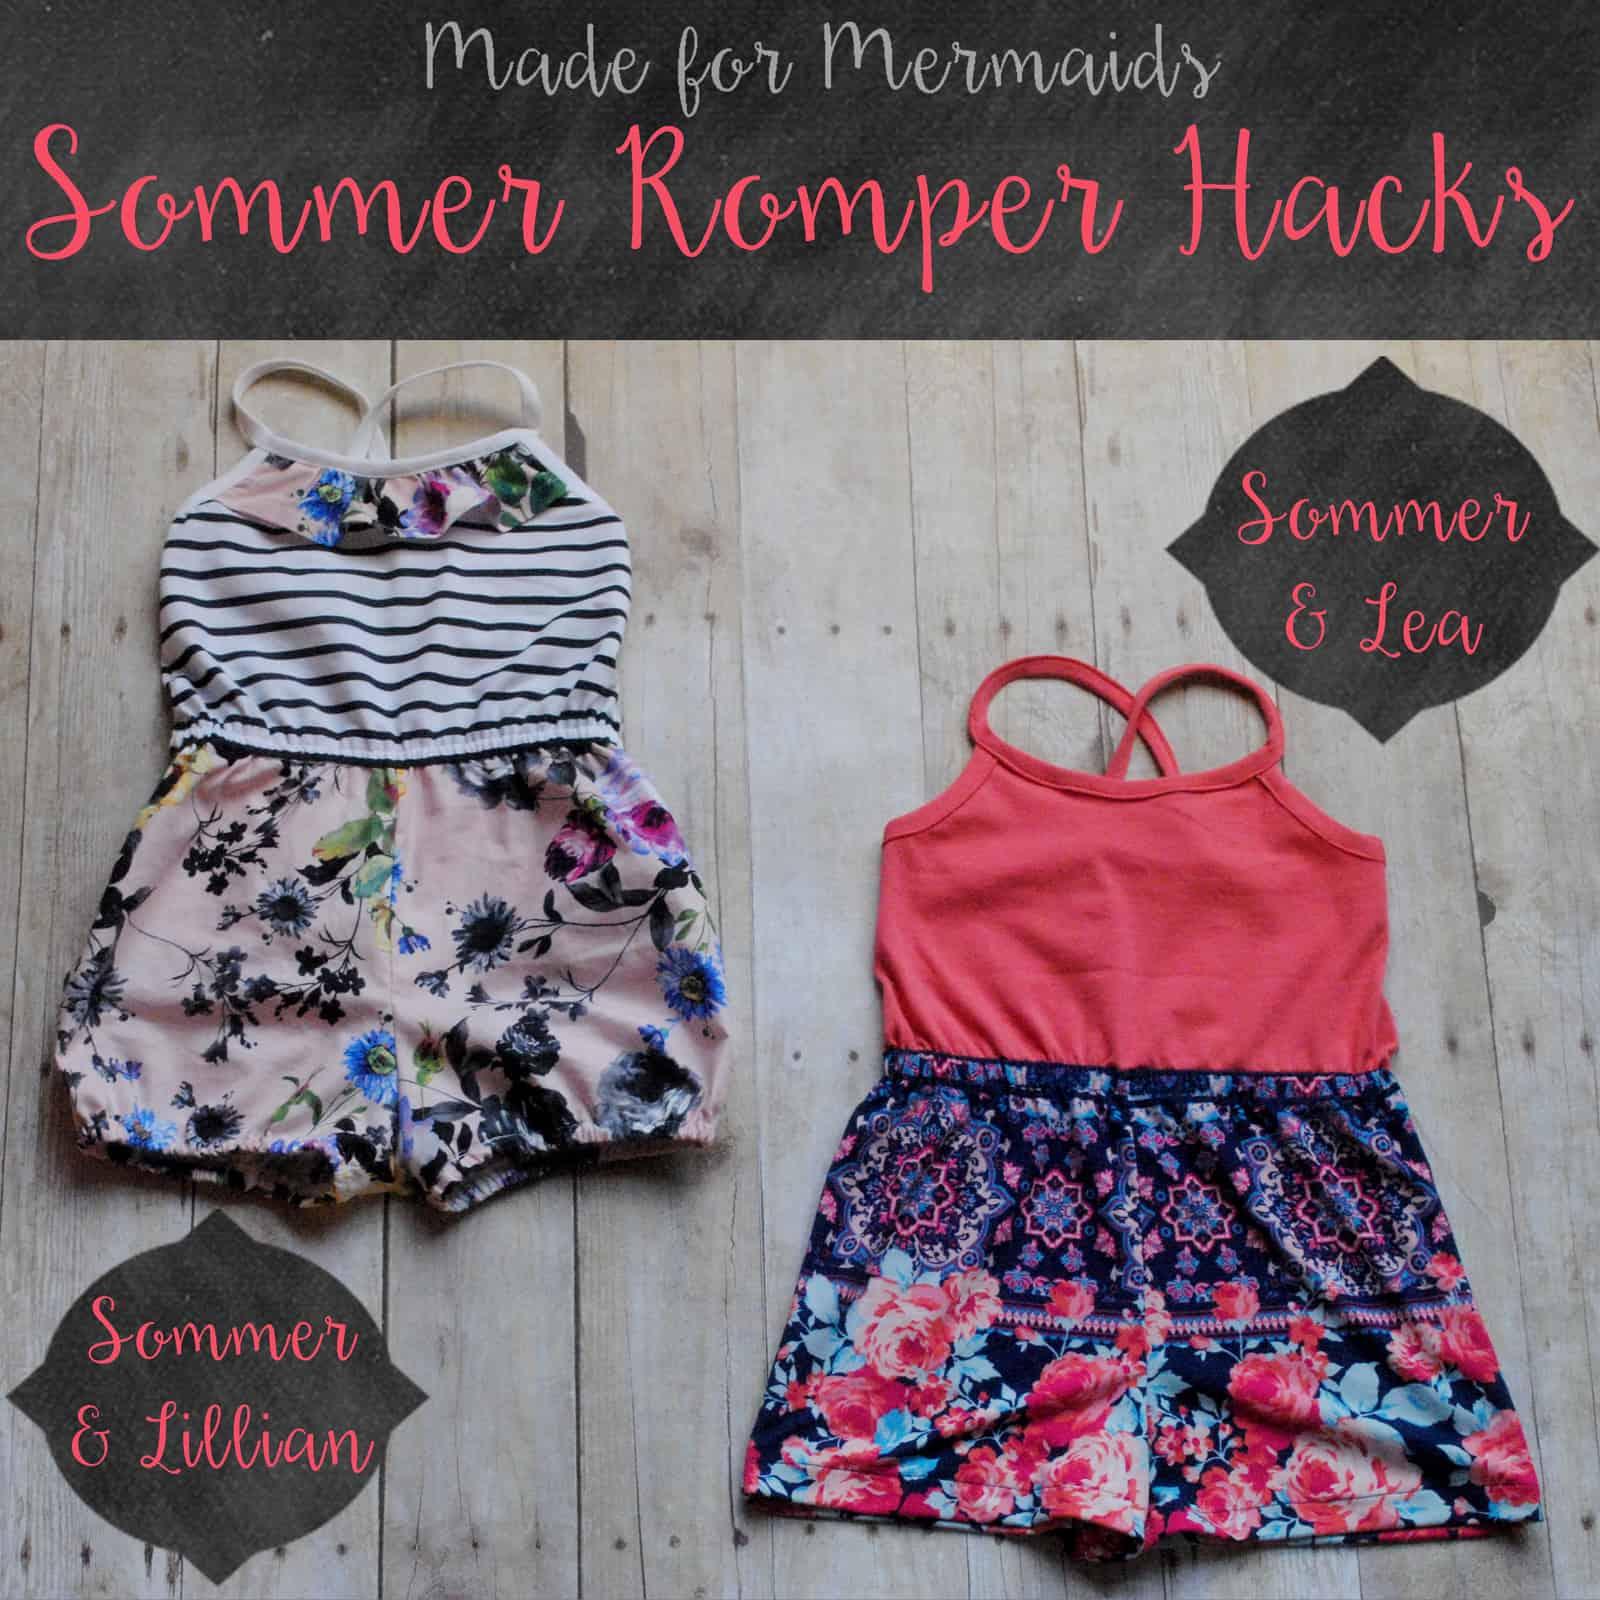 Sommer Romper Hacks